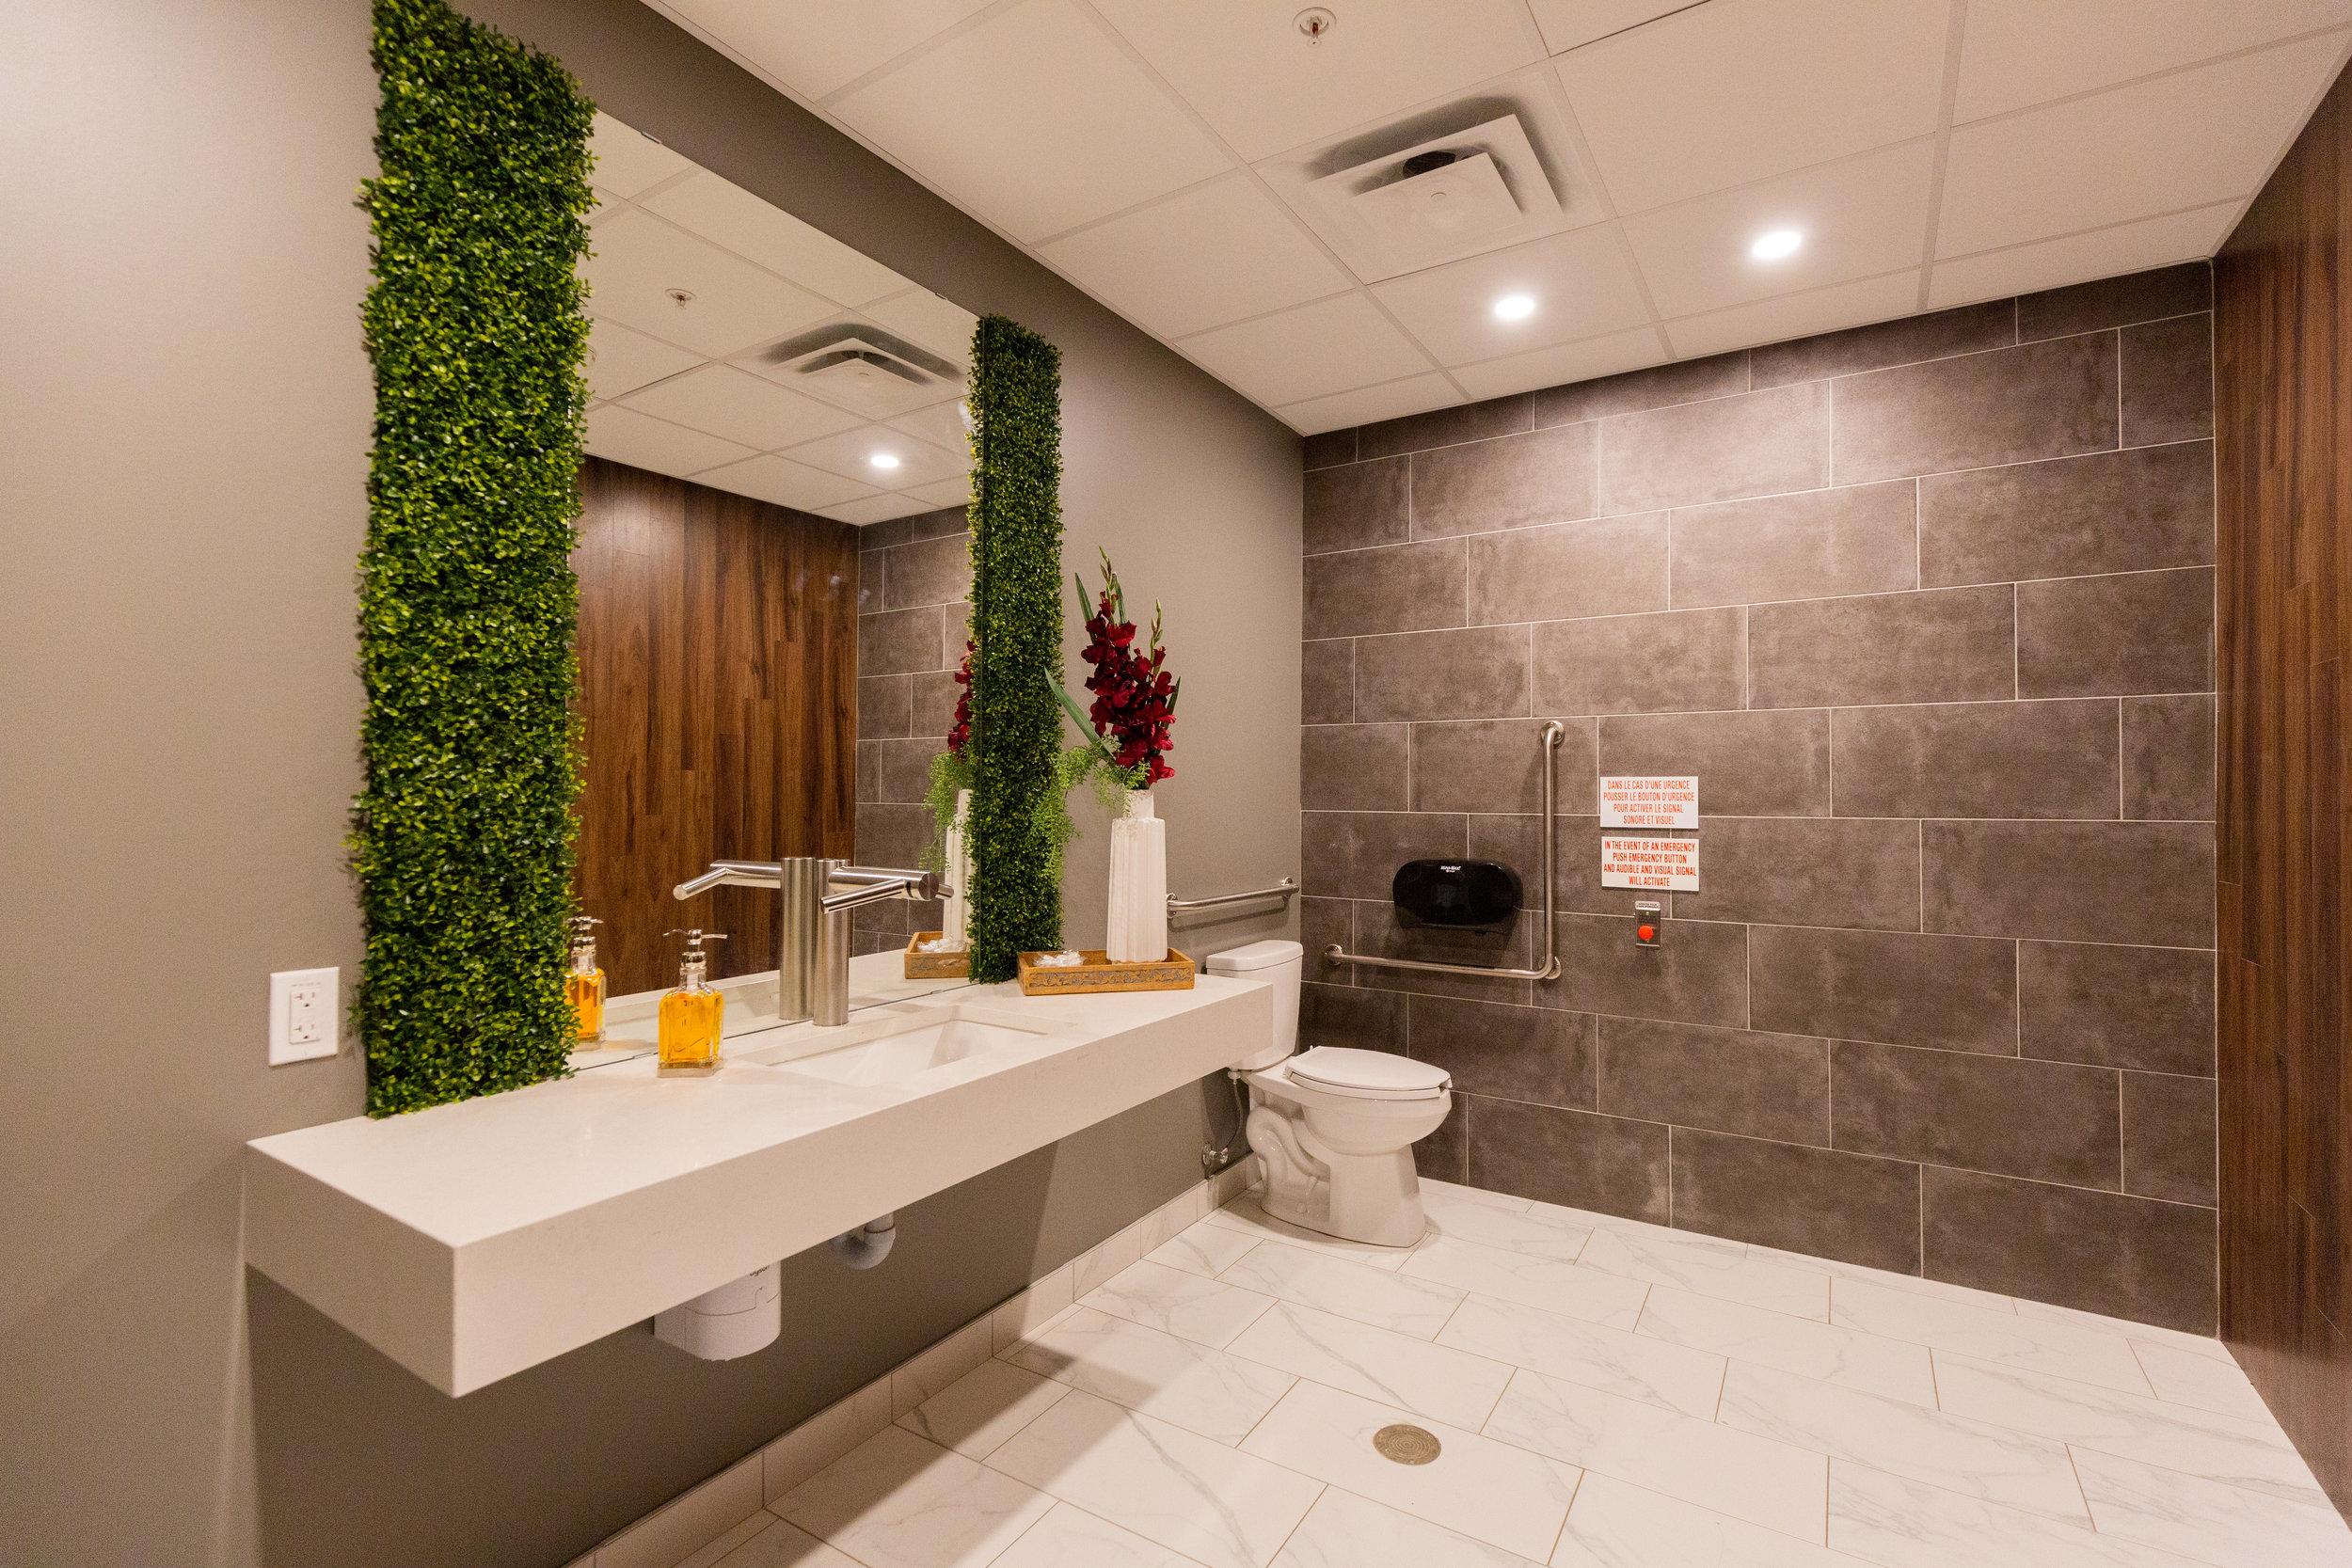 Restroom-Aquatria (ALOMA)